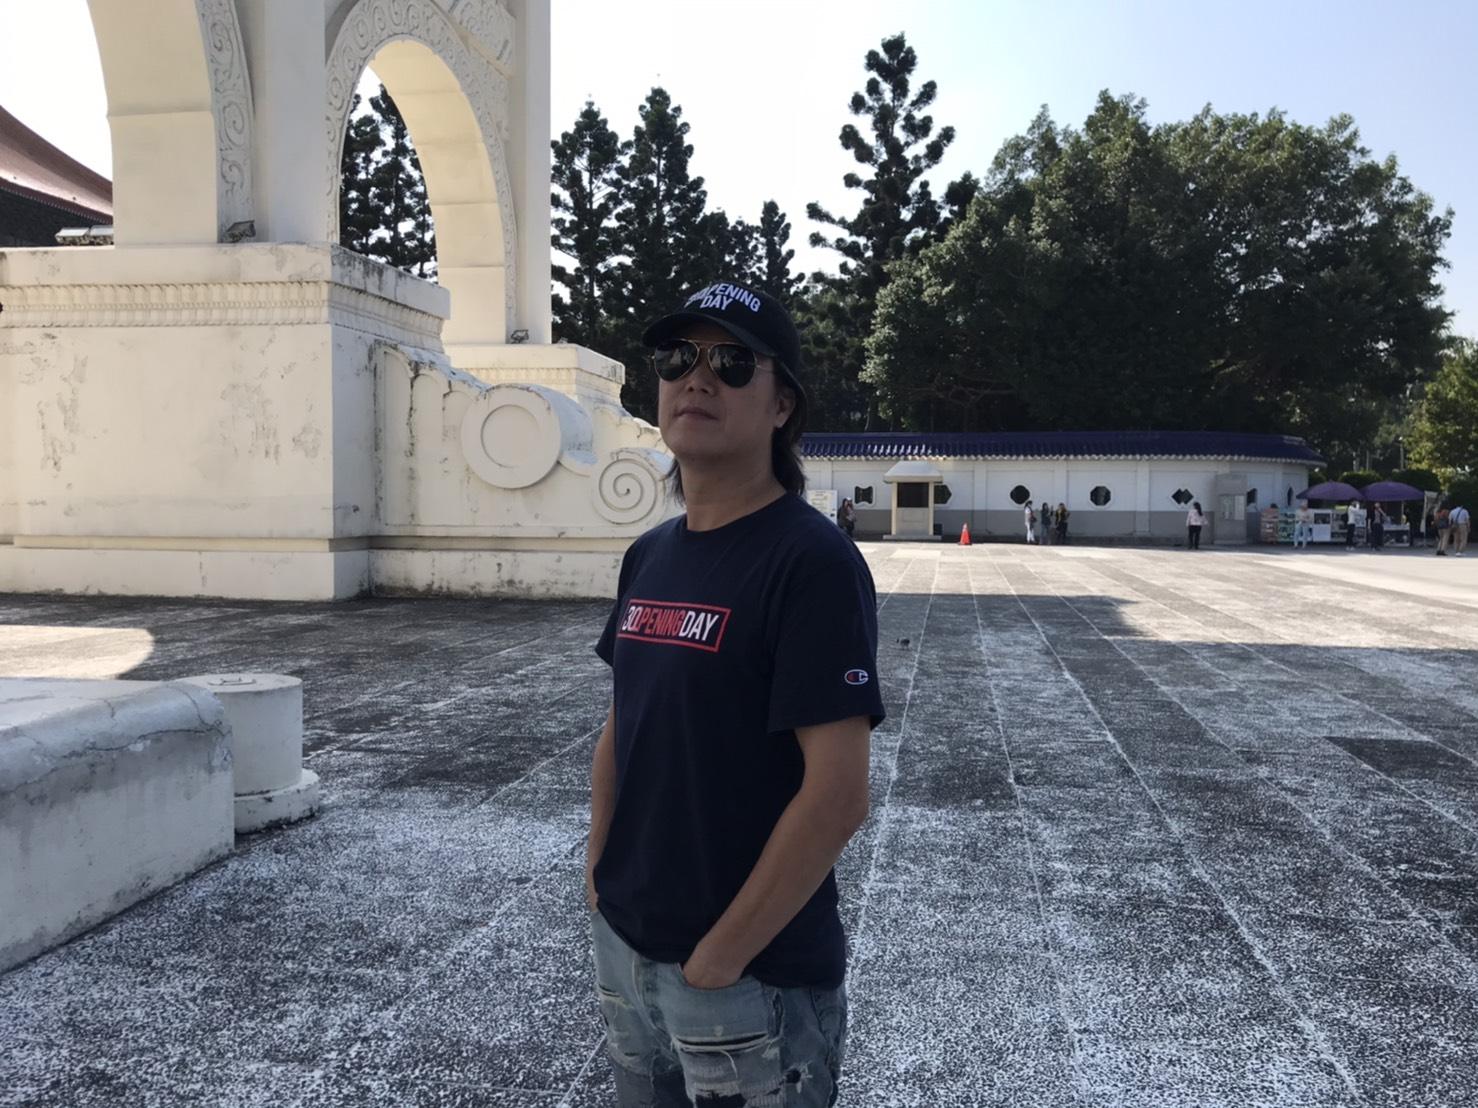 台灣音樂圈挺香港 11月17日辦音樂會